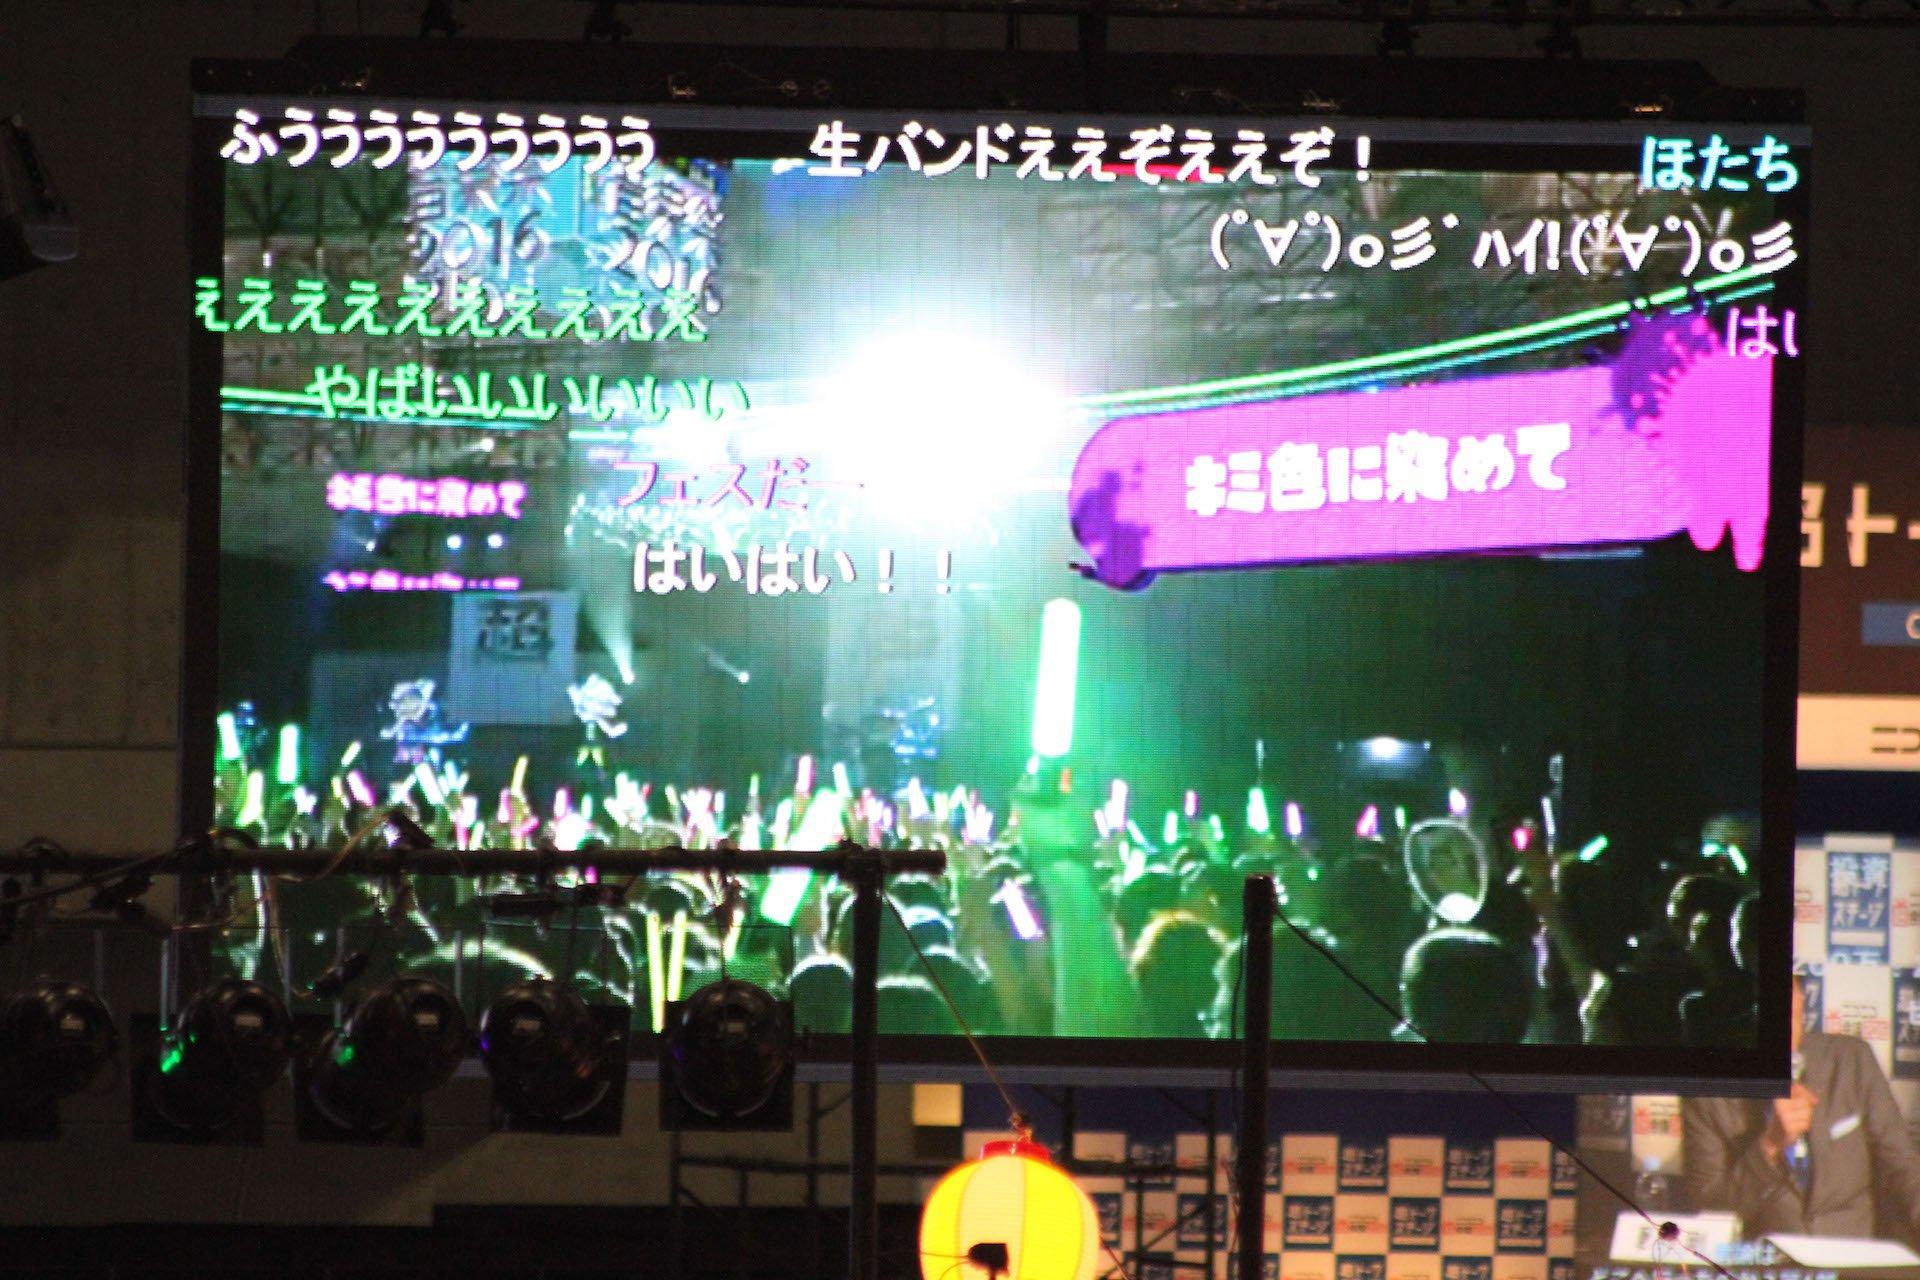 ニコニコ超会議2016「スプラトゥーン ガチ盆まつり」エリアでのシオカラーズライブ 3